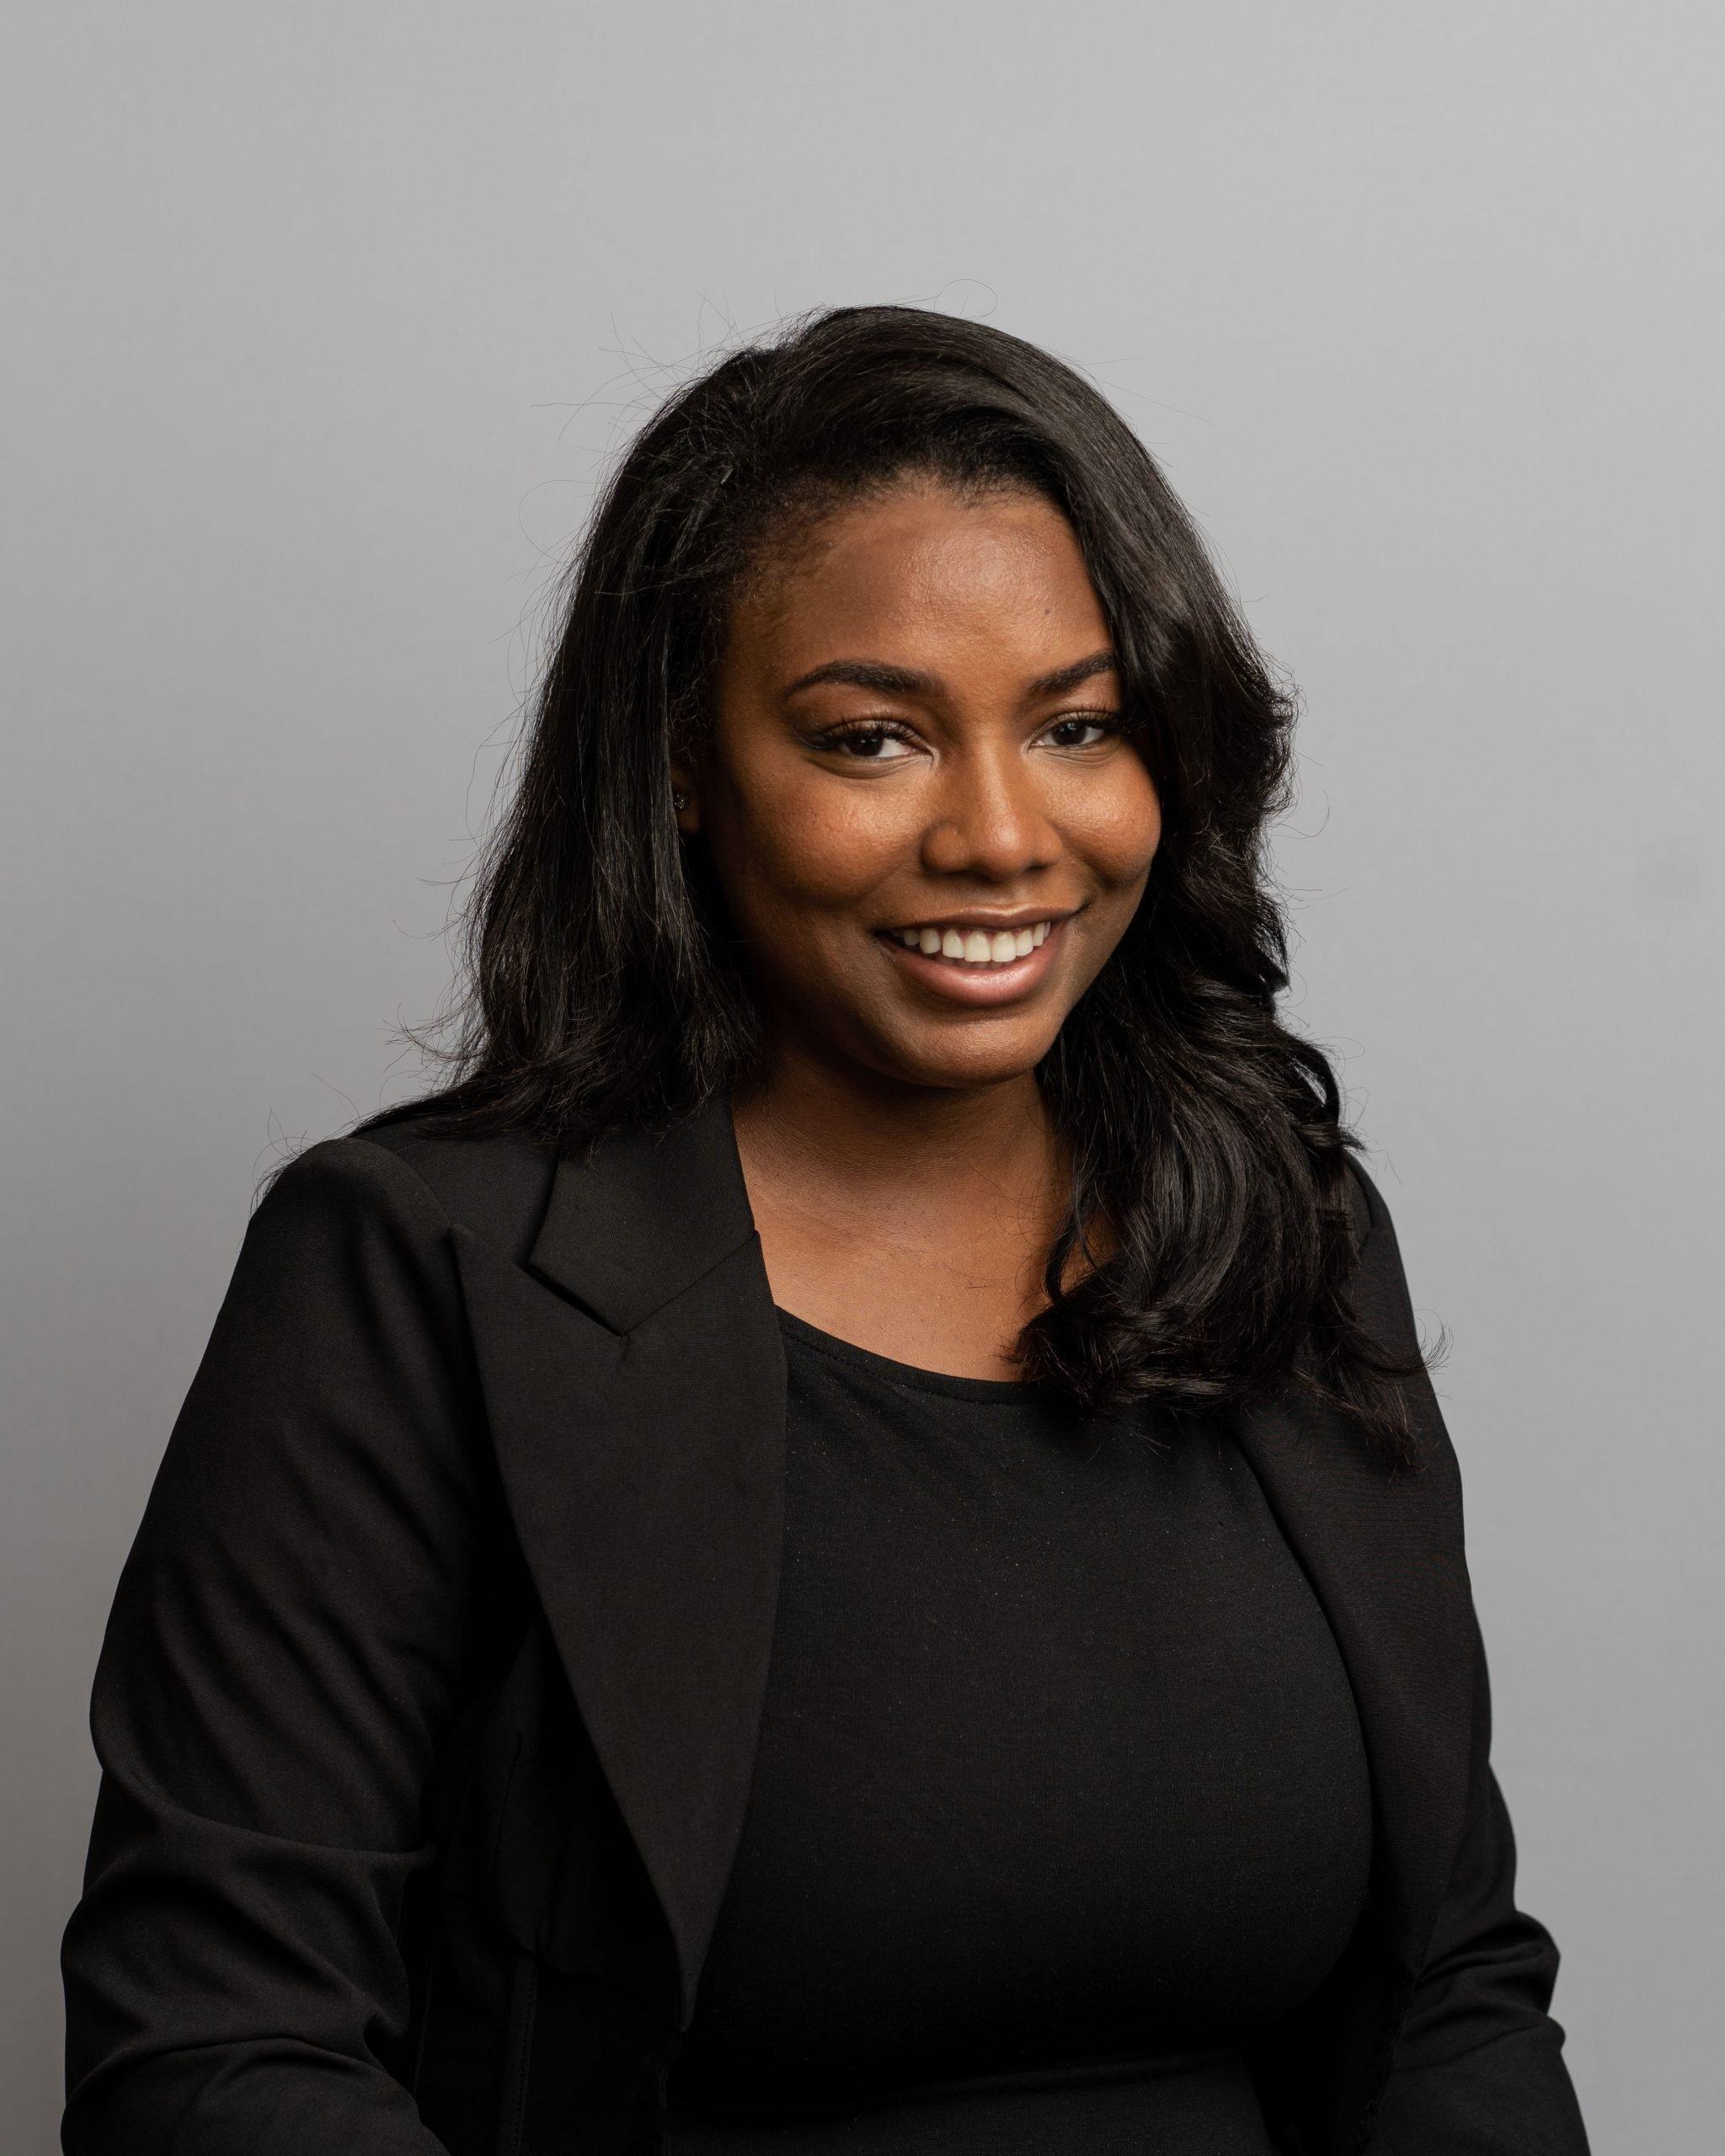 Ashanée Gardner